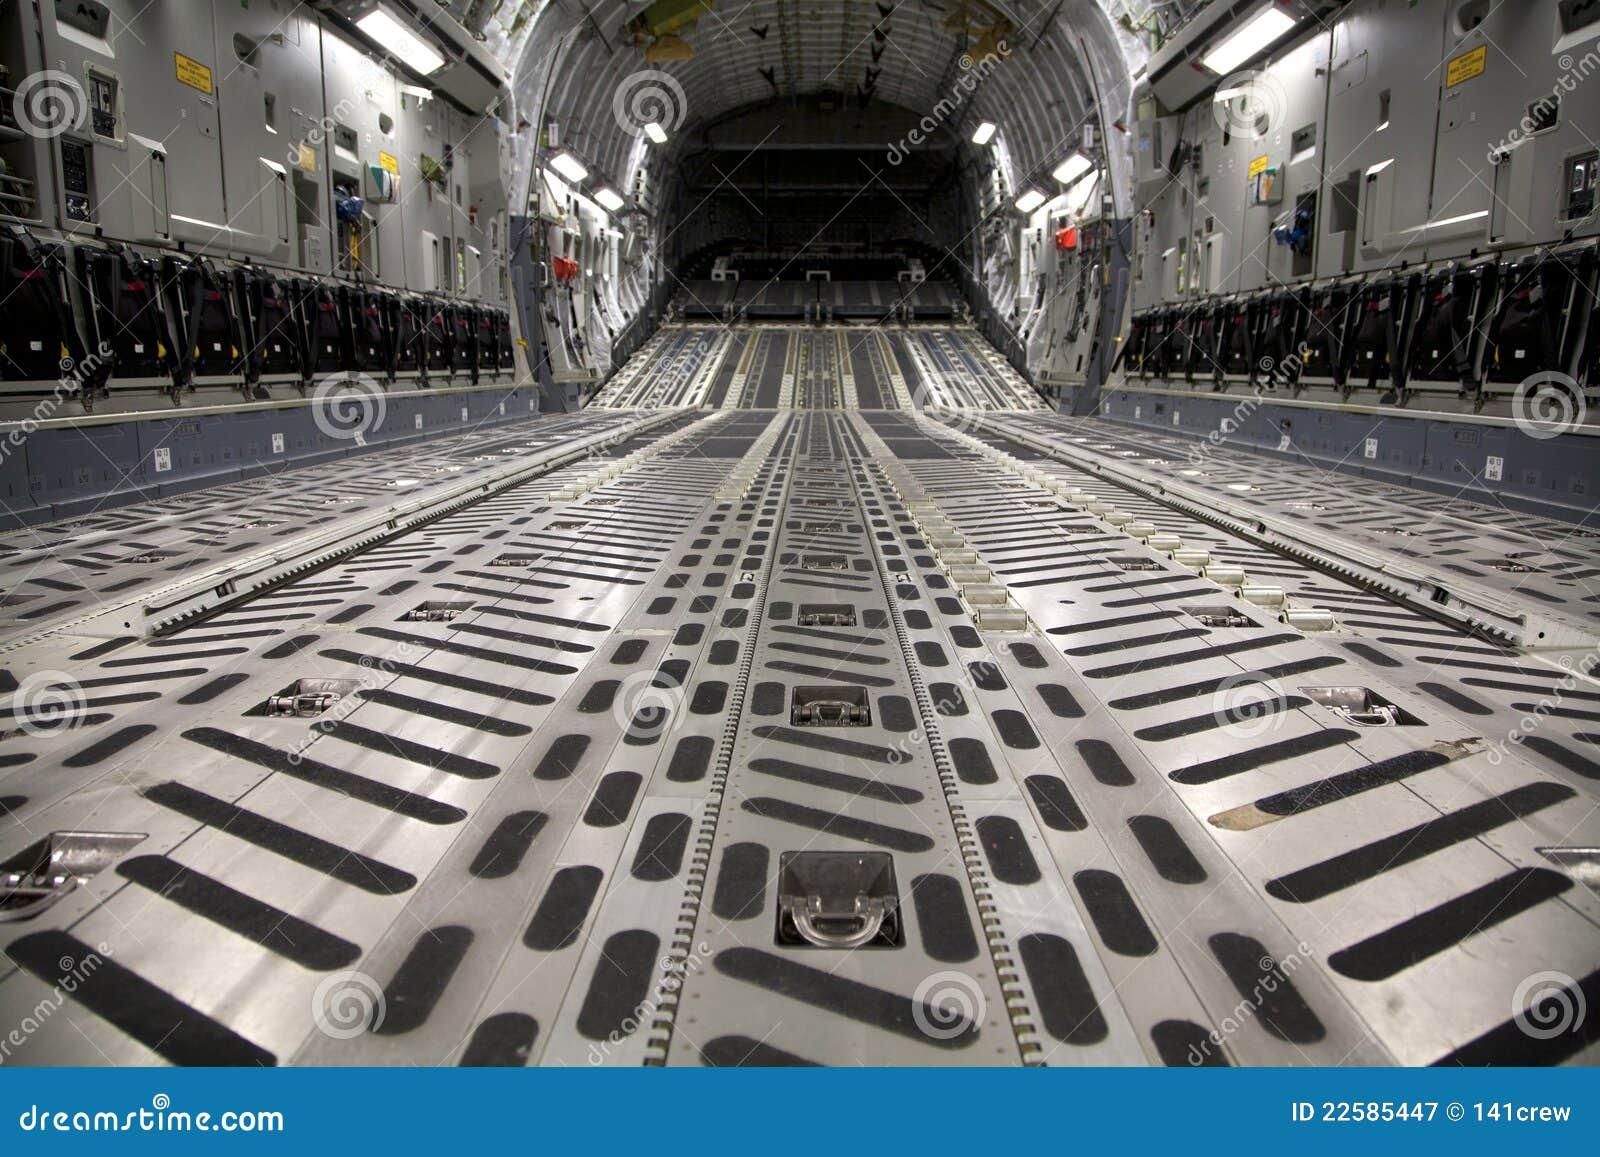 C-17 Interior  C 17 Interior